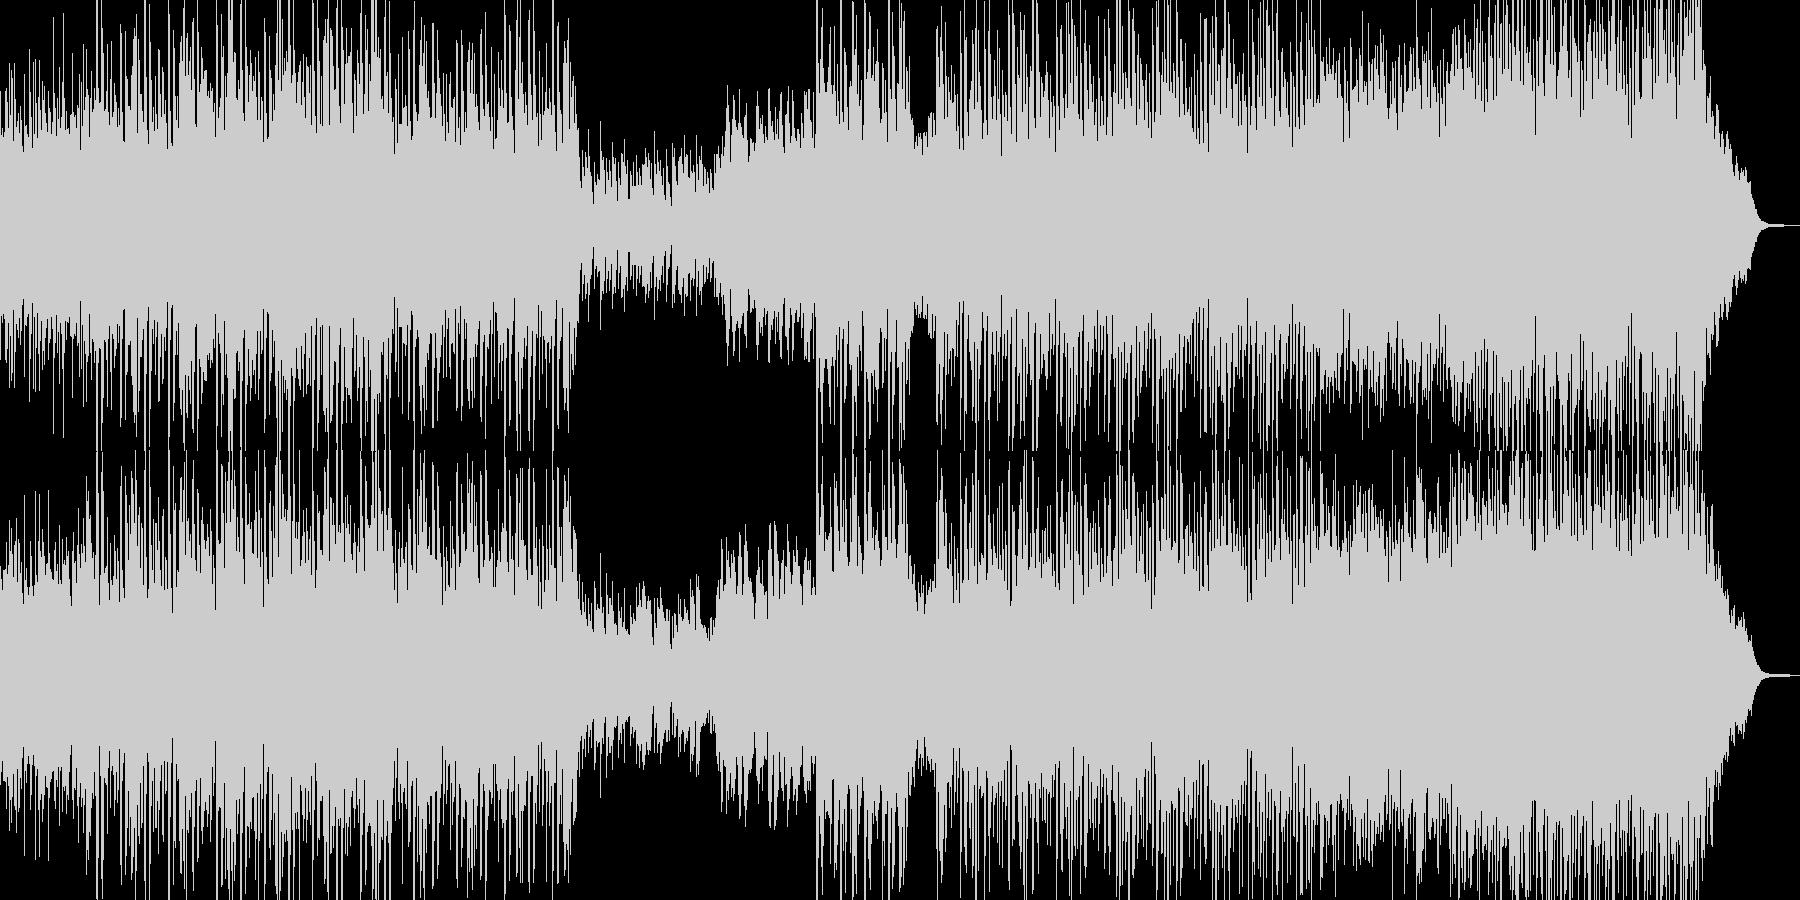 何処か優しくキラフワなBGMの未再生の波形